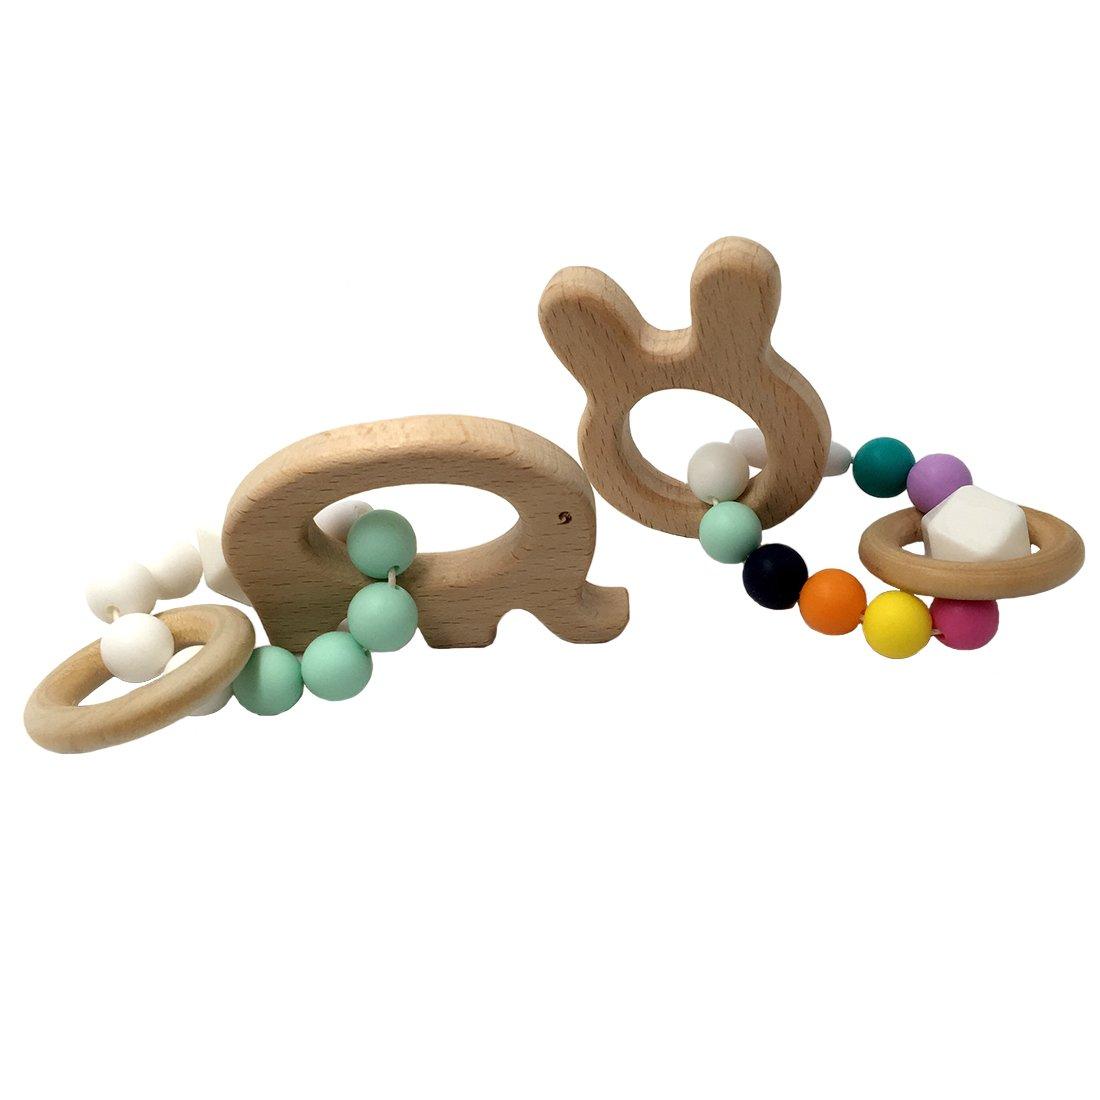 Coskiss Madera con forma de animales de la fiesta de los ni/ños de la joyer/ía de la pulsera para la dentici/ón mam/á para el beb/é org/ánico de los granos de silicio de madera del beb/é del brazalete S506